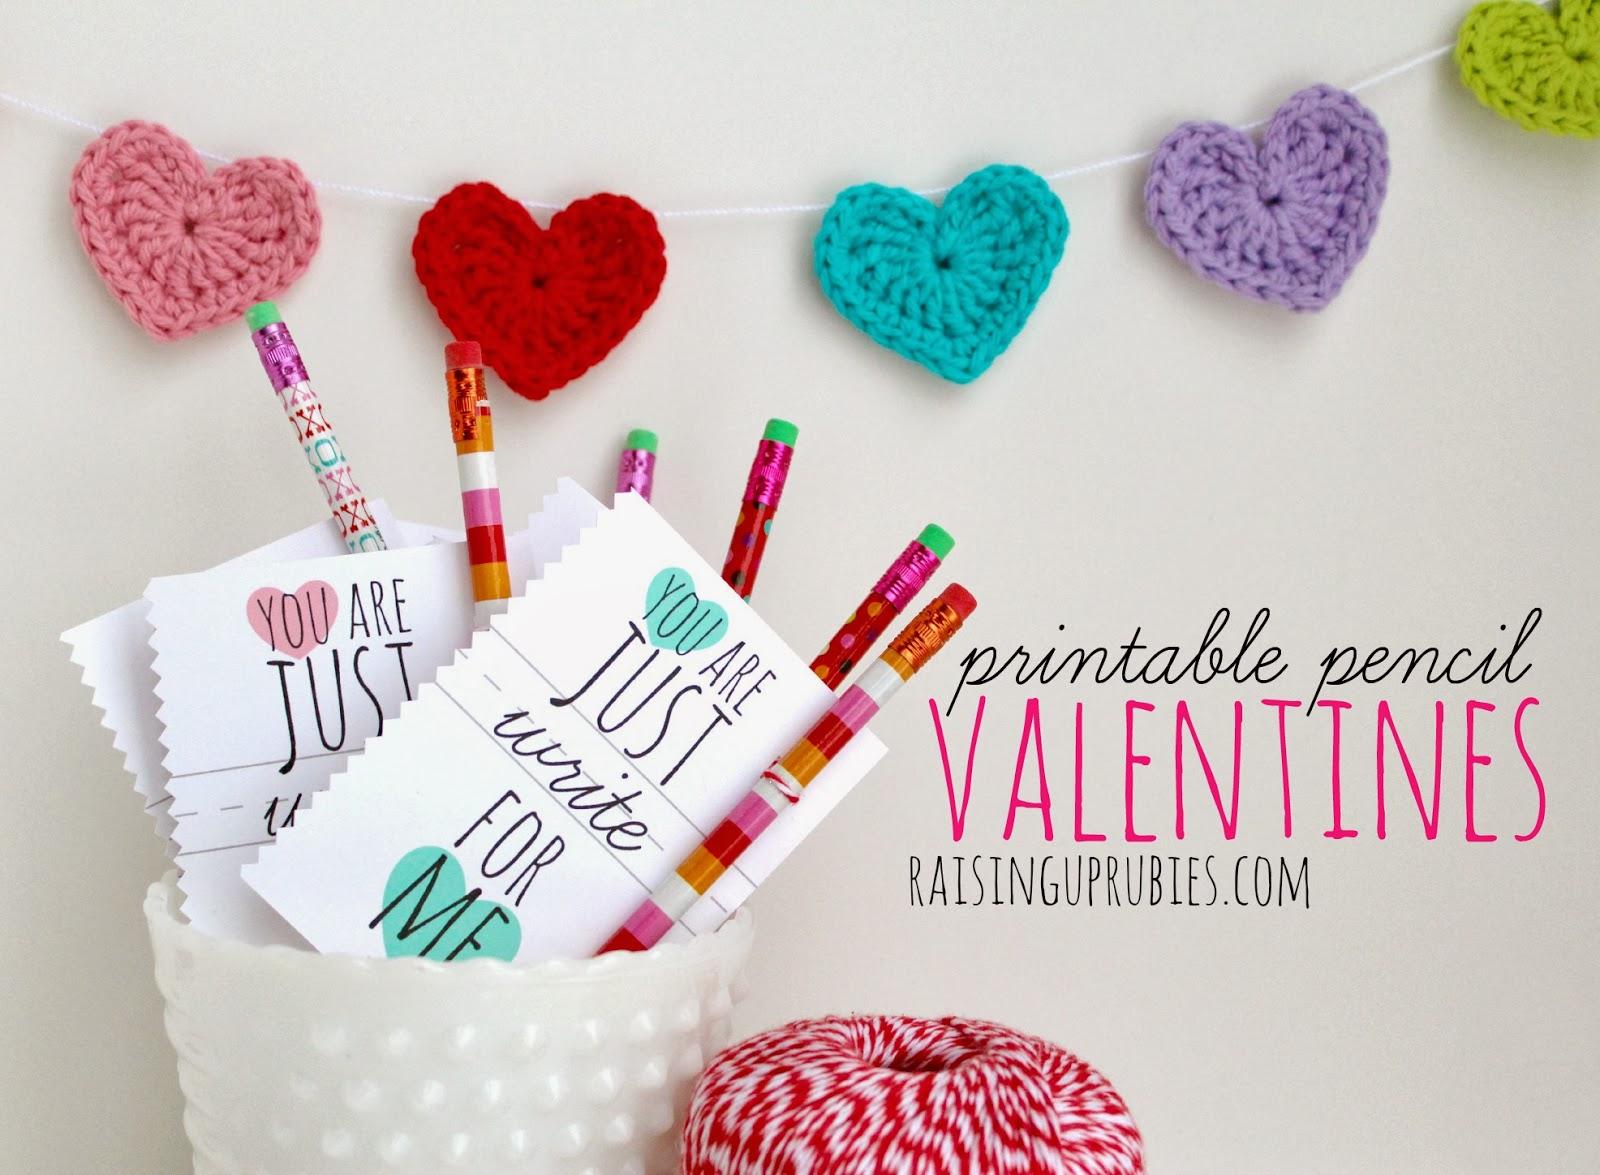 Schön Just Write Printable Pencil Valentines